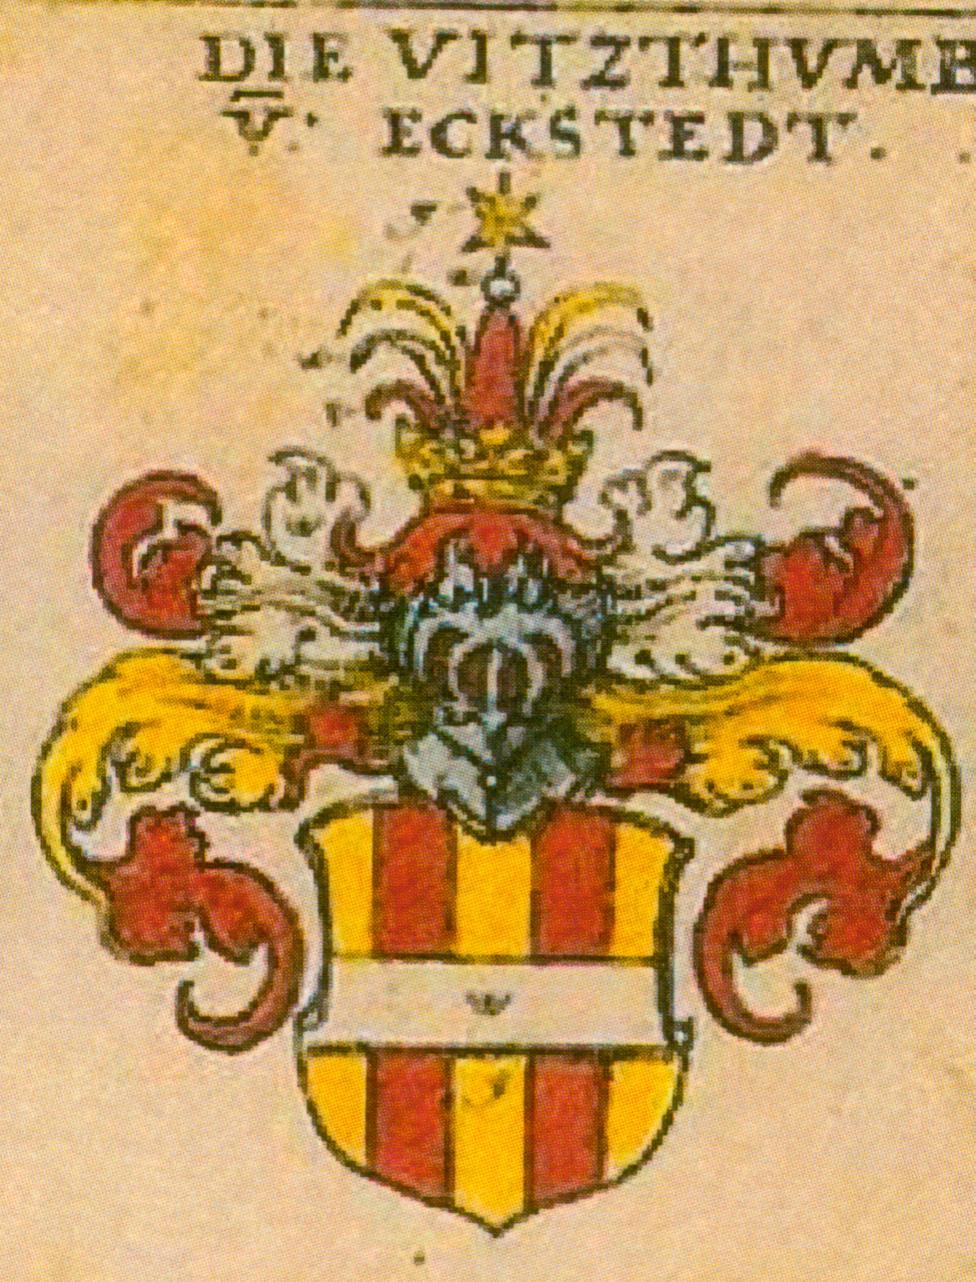 Vitzthumb von Eckstedt